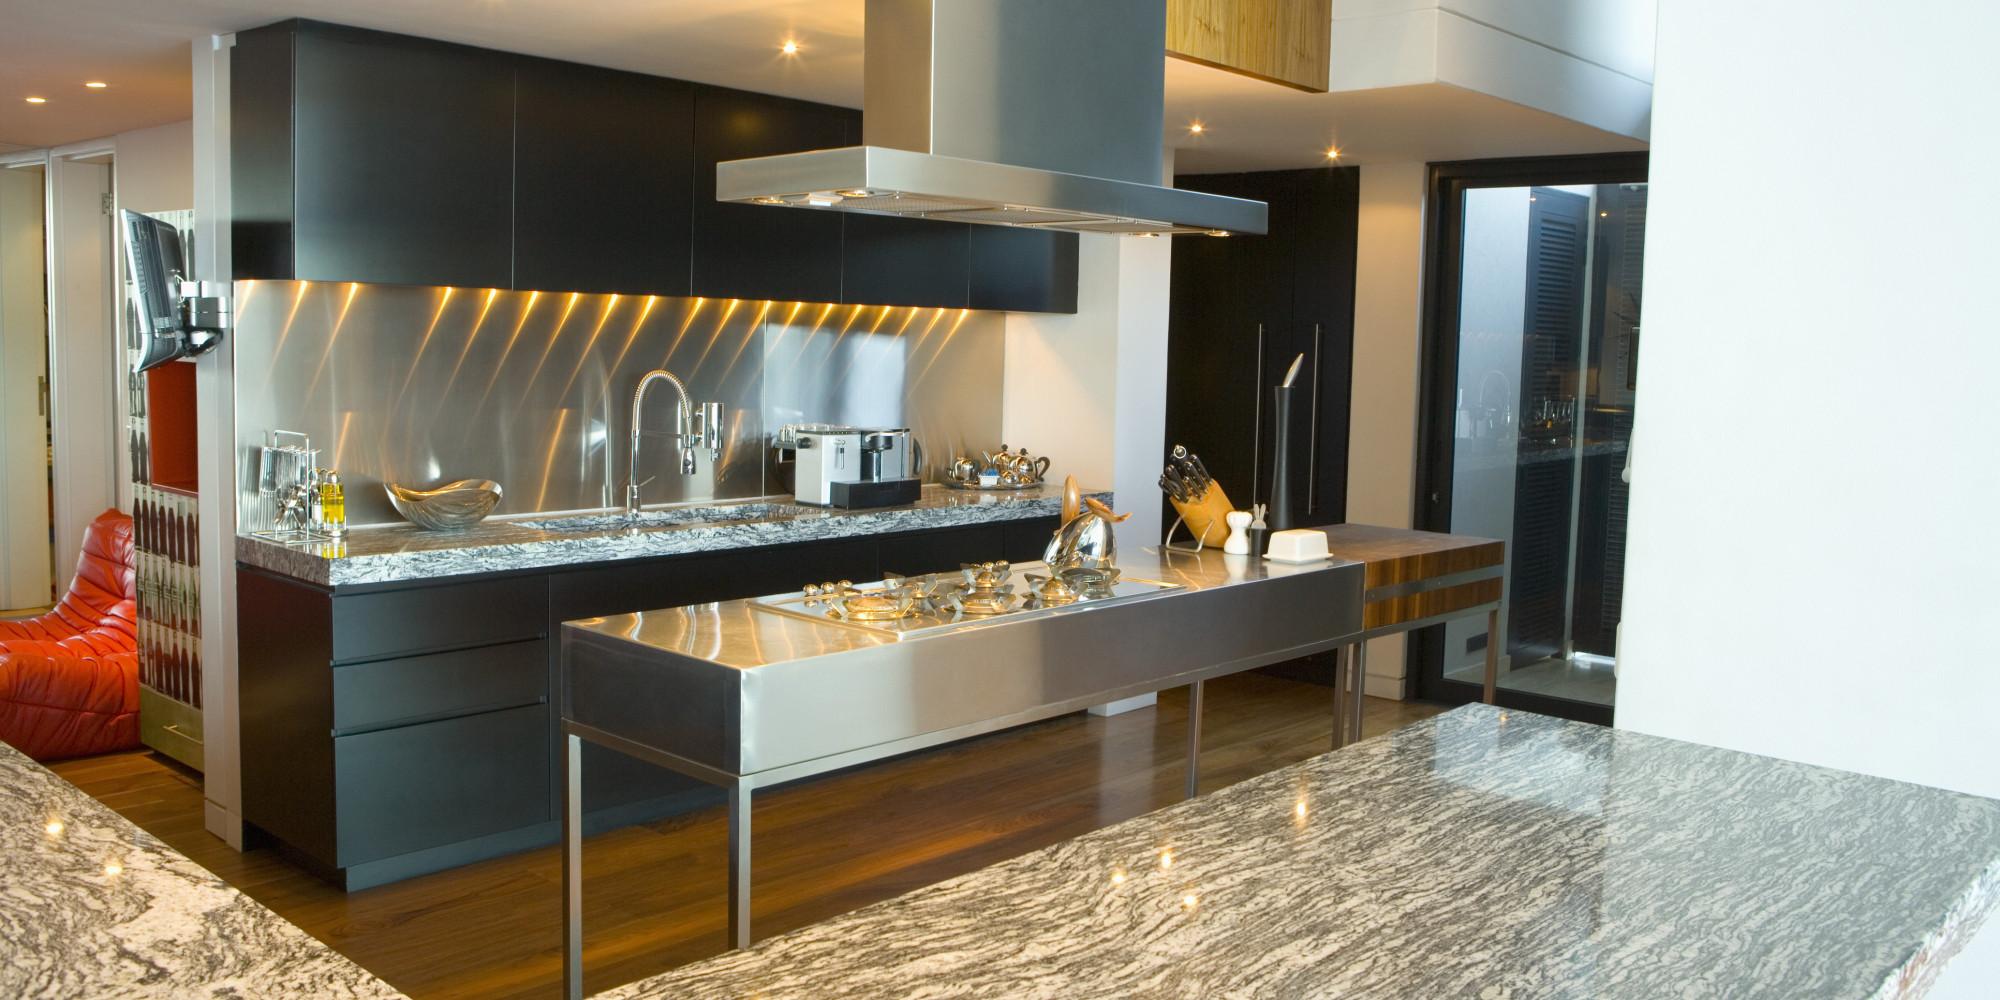 13 tipps wie sie eine kleine wohnung clever einrichten. Black Bedroom Furniture Sets. Home Design Ideas